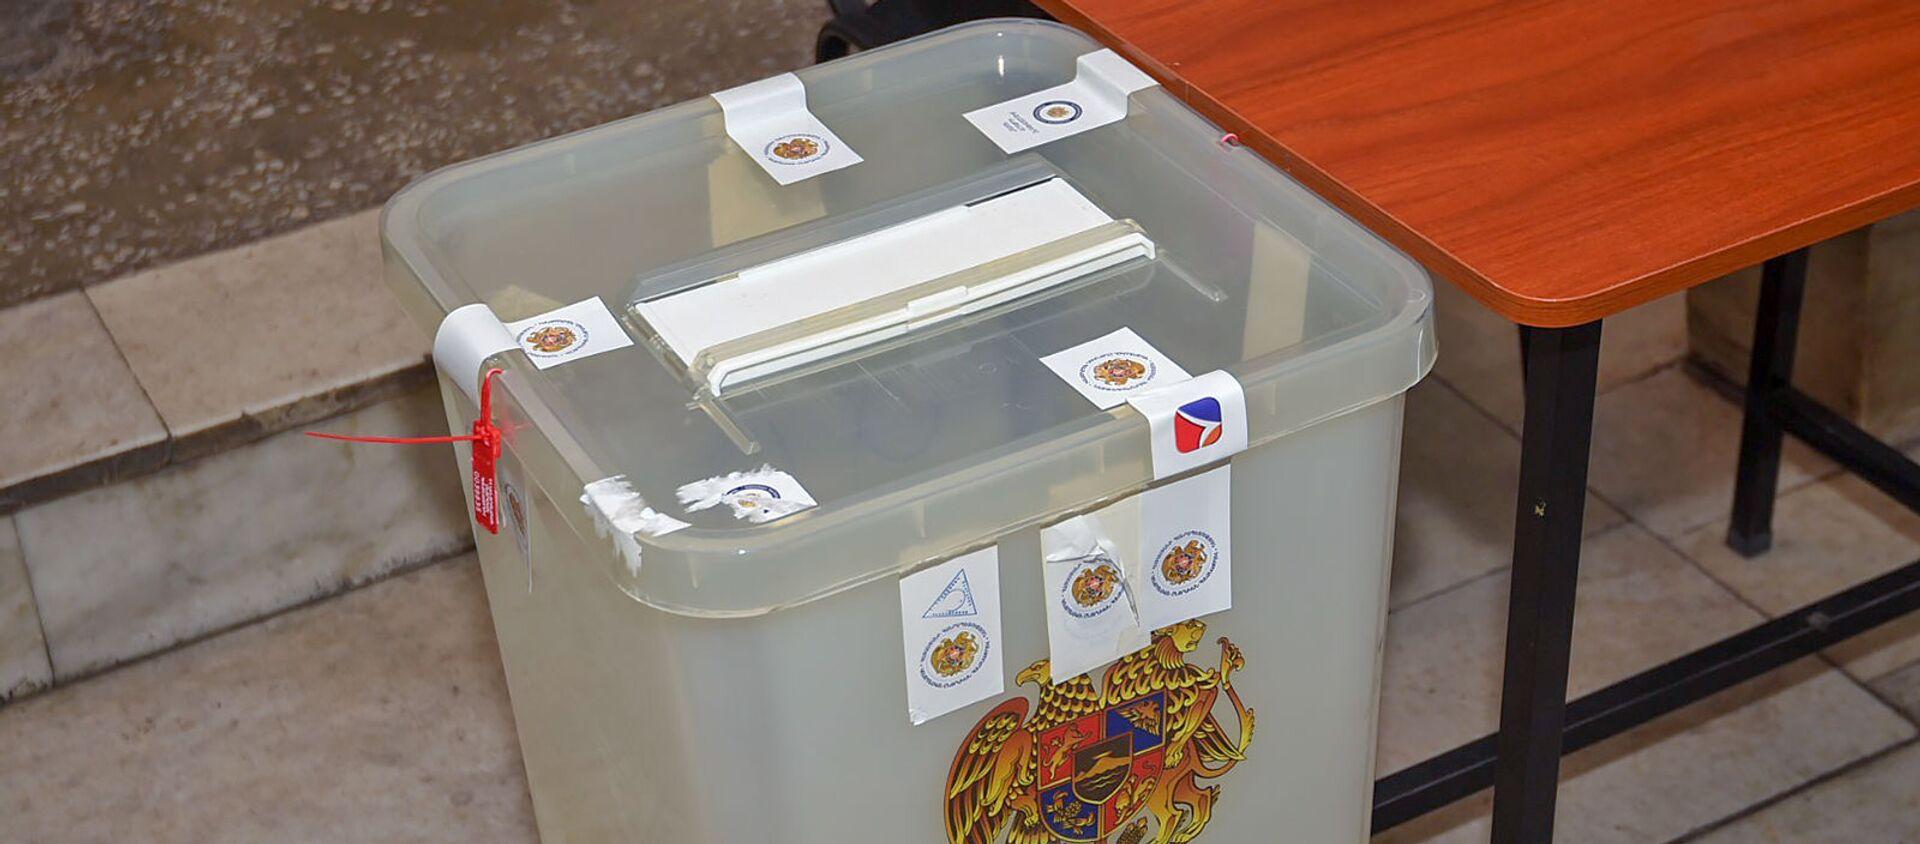 Урна в избирательном участке - Sputnik Армения, 1920, 22.06.2021